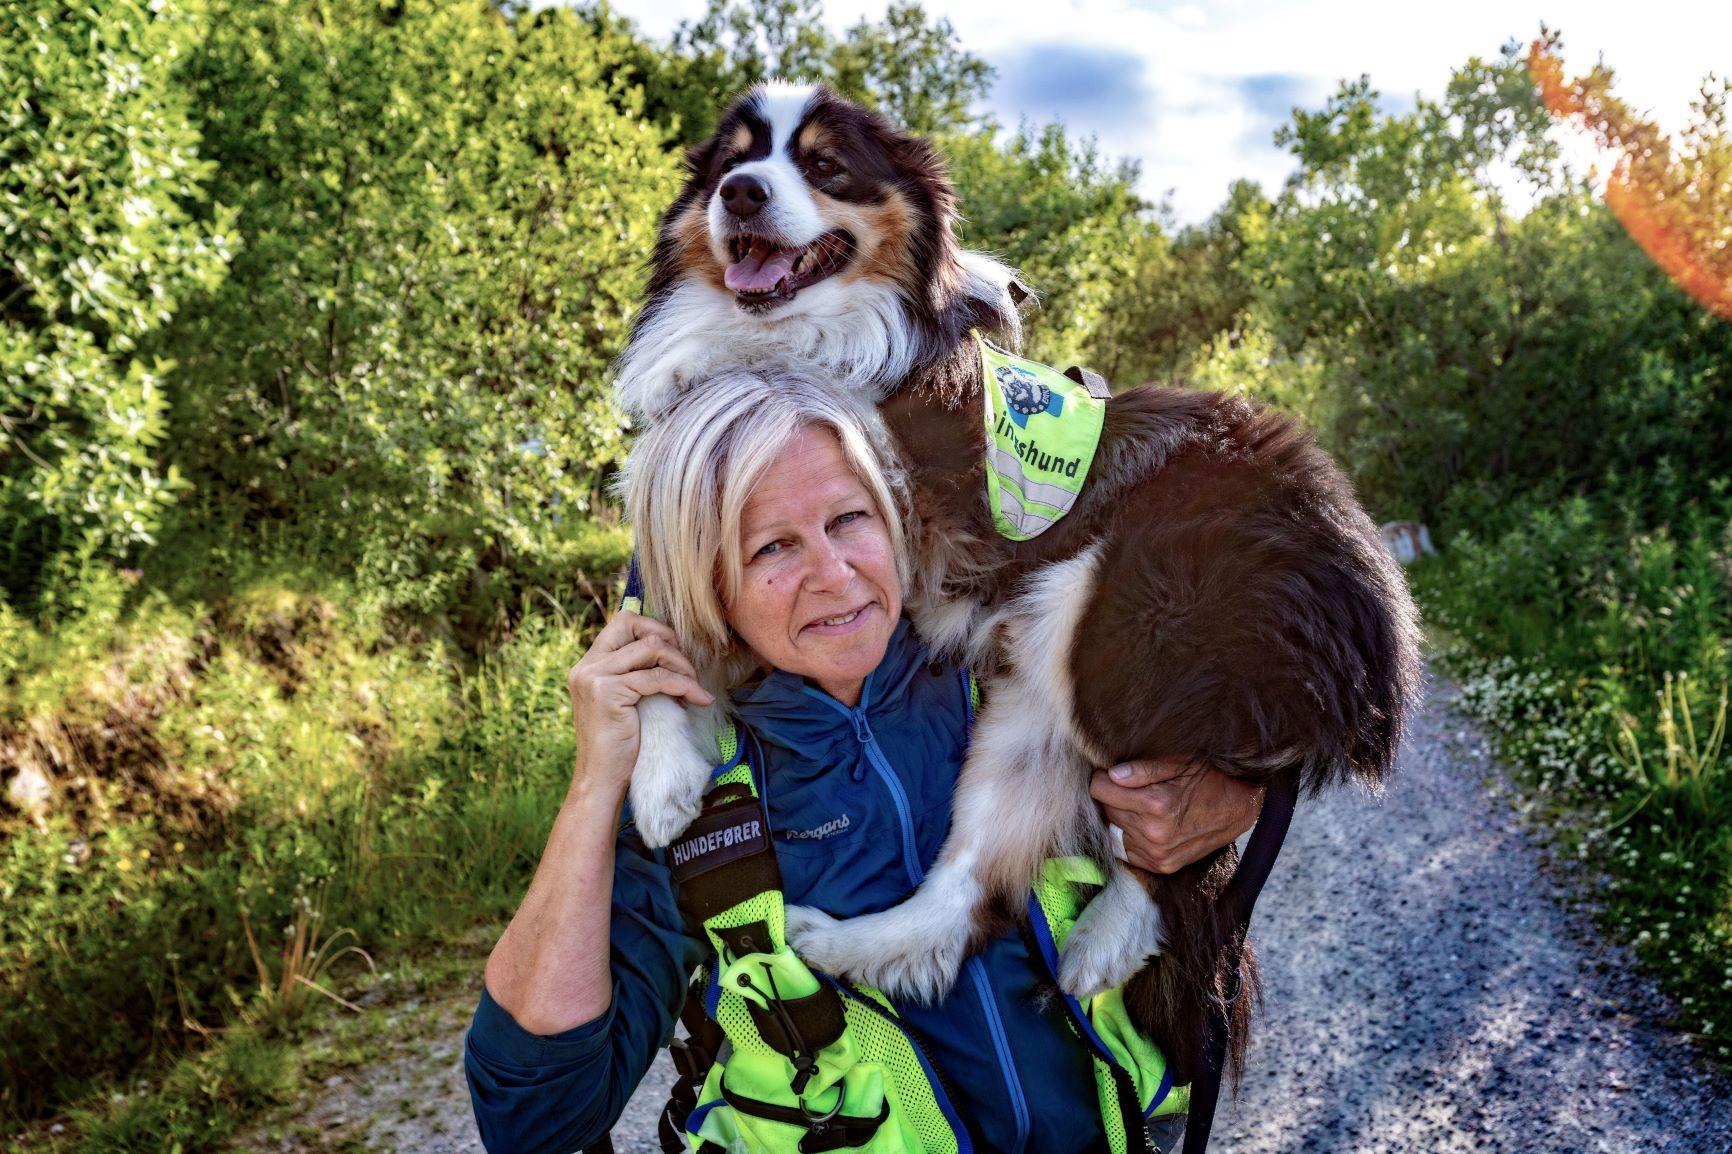 Etter av hjemmevaktene ble avskaffet for Stokmarknes, er hundetrening bare én av mange fritidsaktiviteter Janne Dahl kan gjøre. Hun er aktiv i Norske redningshunder og blir utkalt på aksjoner med bordercollien/ australian shepherd-hunden Diesel Dahl